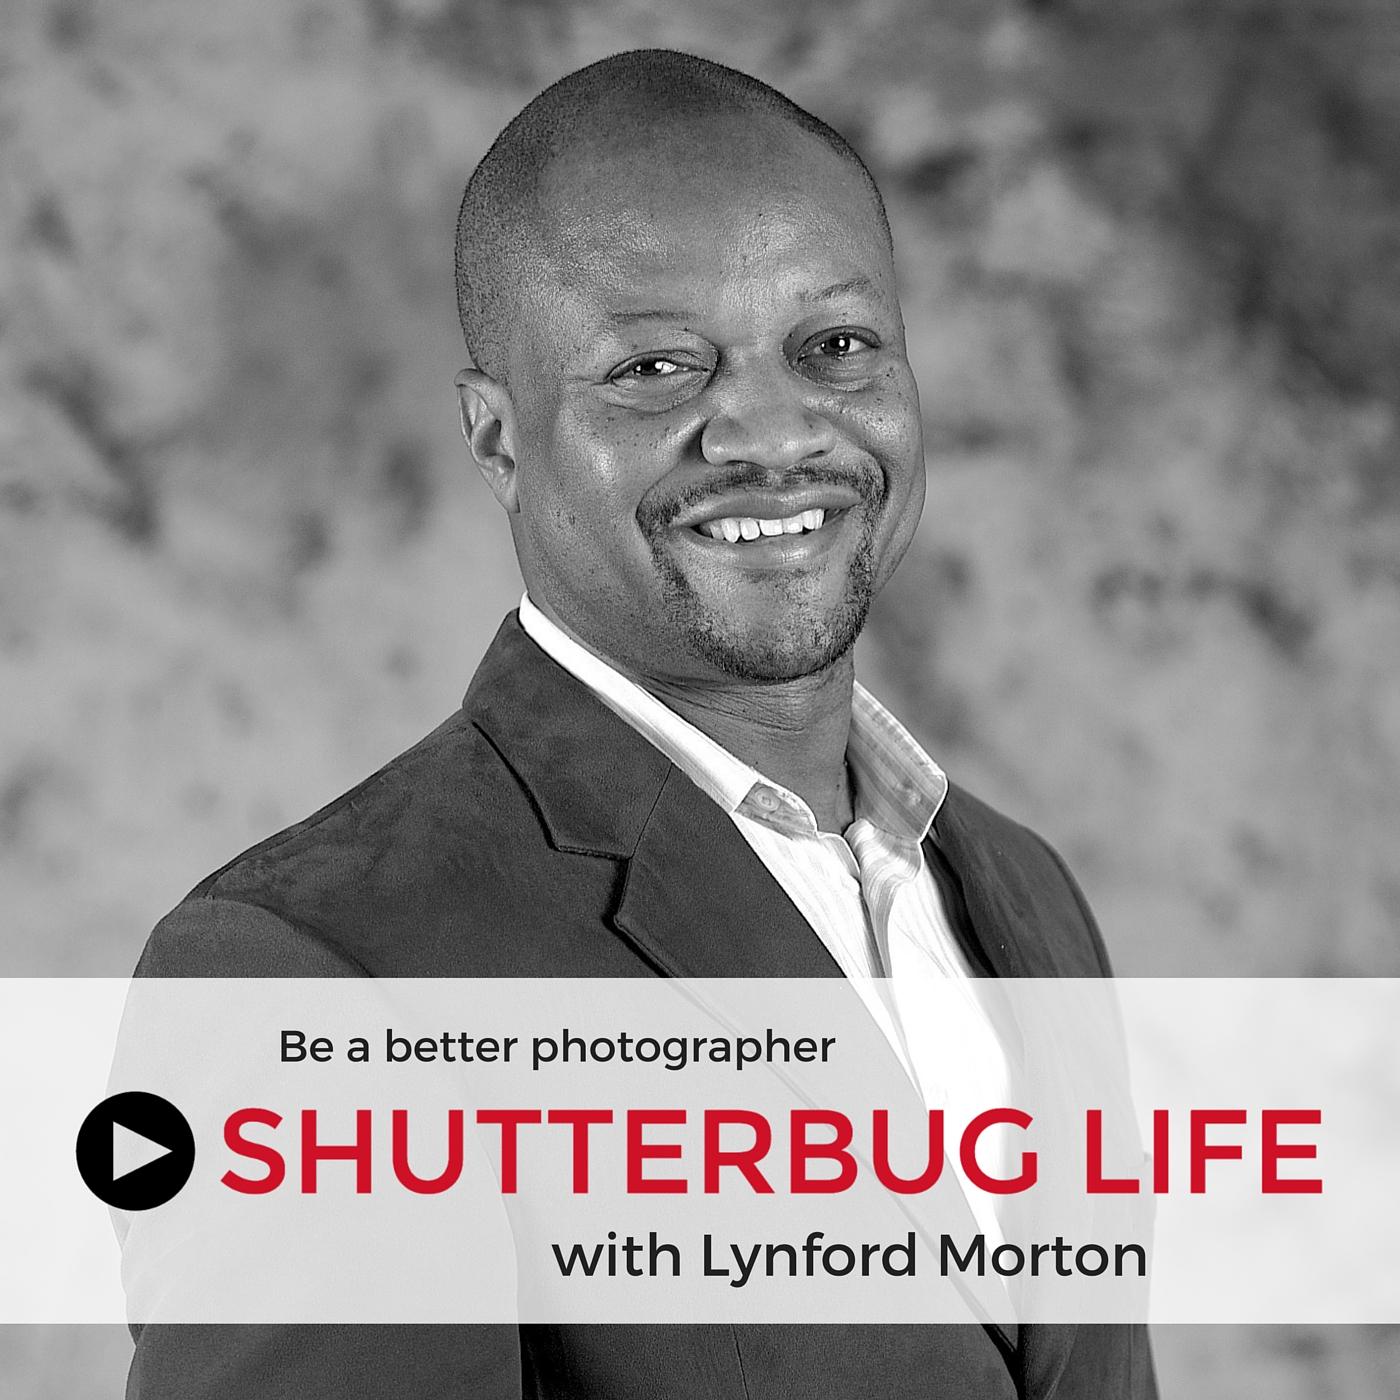 shutterbuglife-podcast.jpg